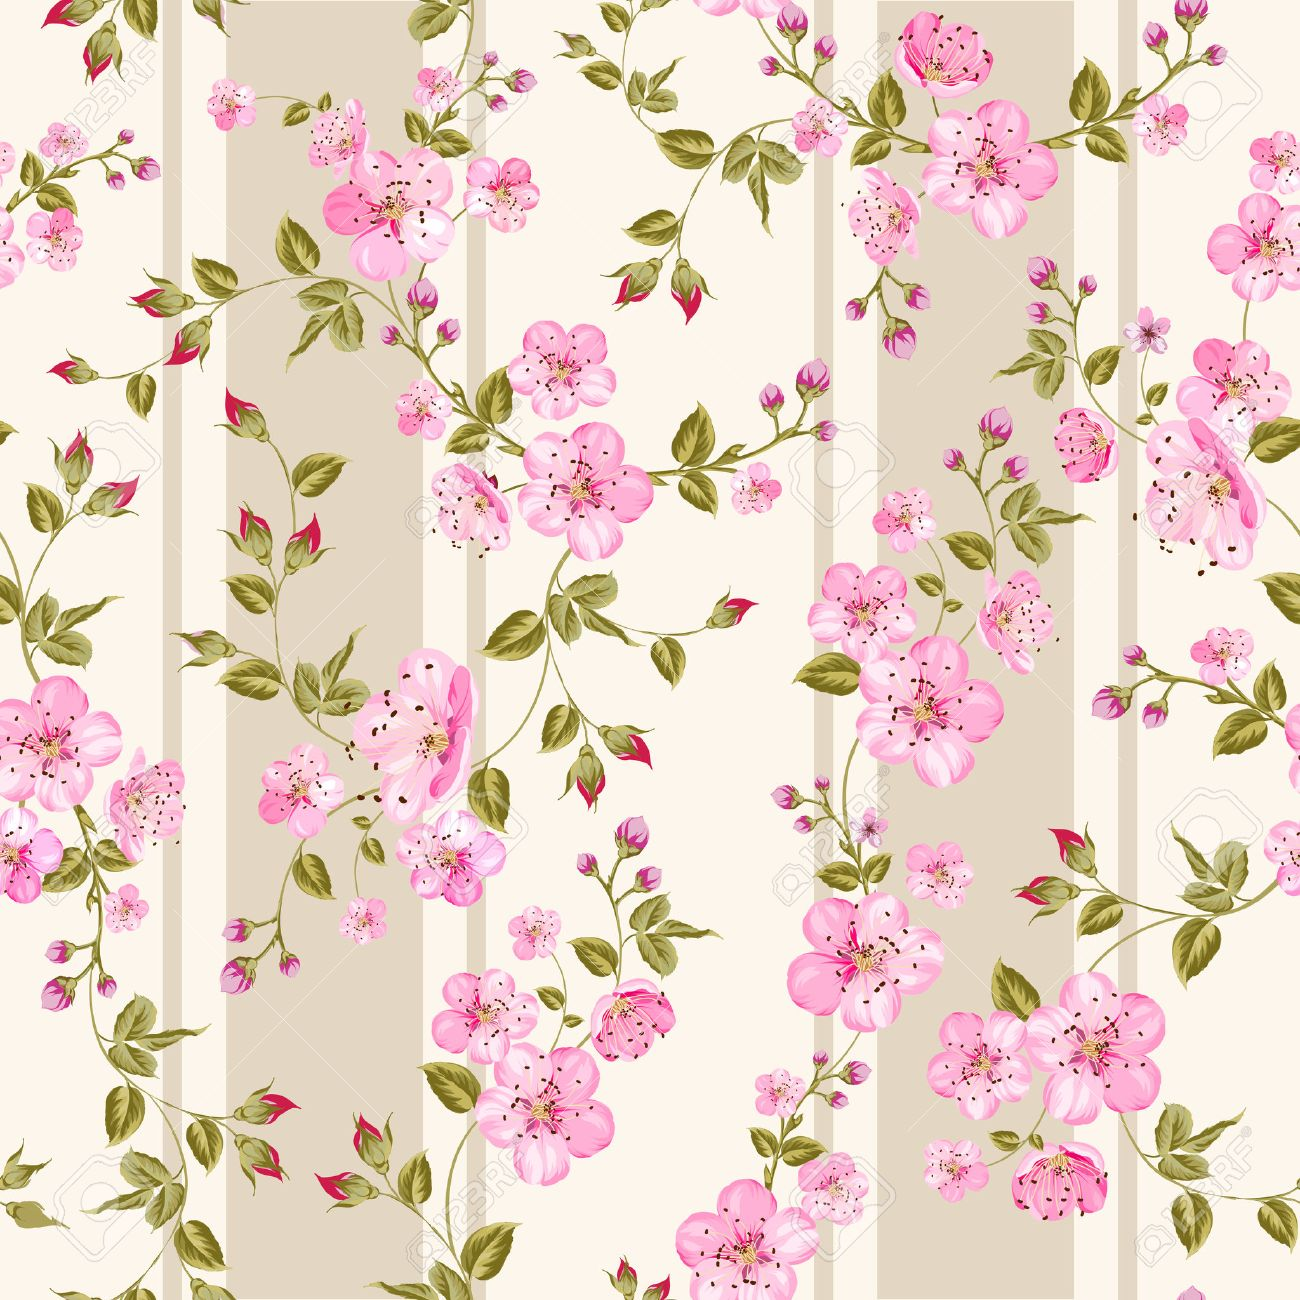 Flores de primavera wallpaper sobre fondo sepia. Ilustración del vector. Foto de archivo ,